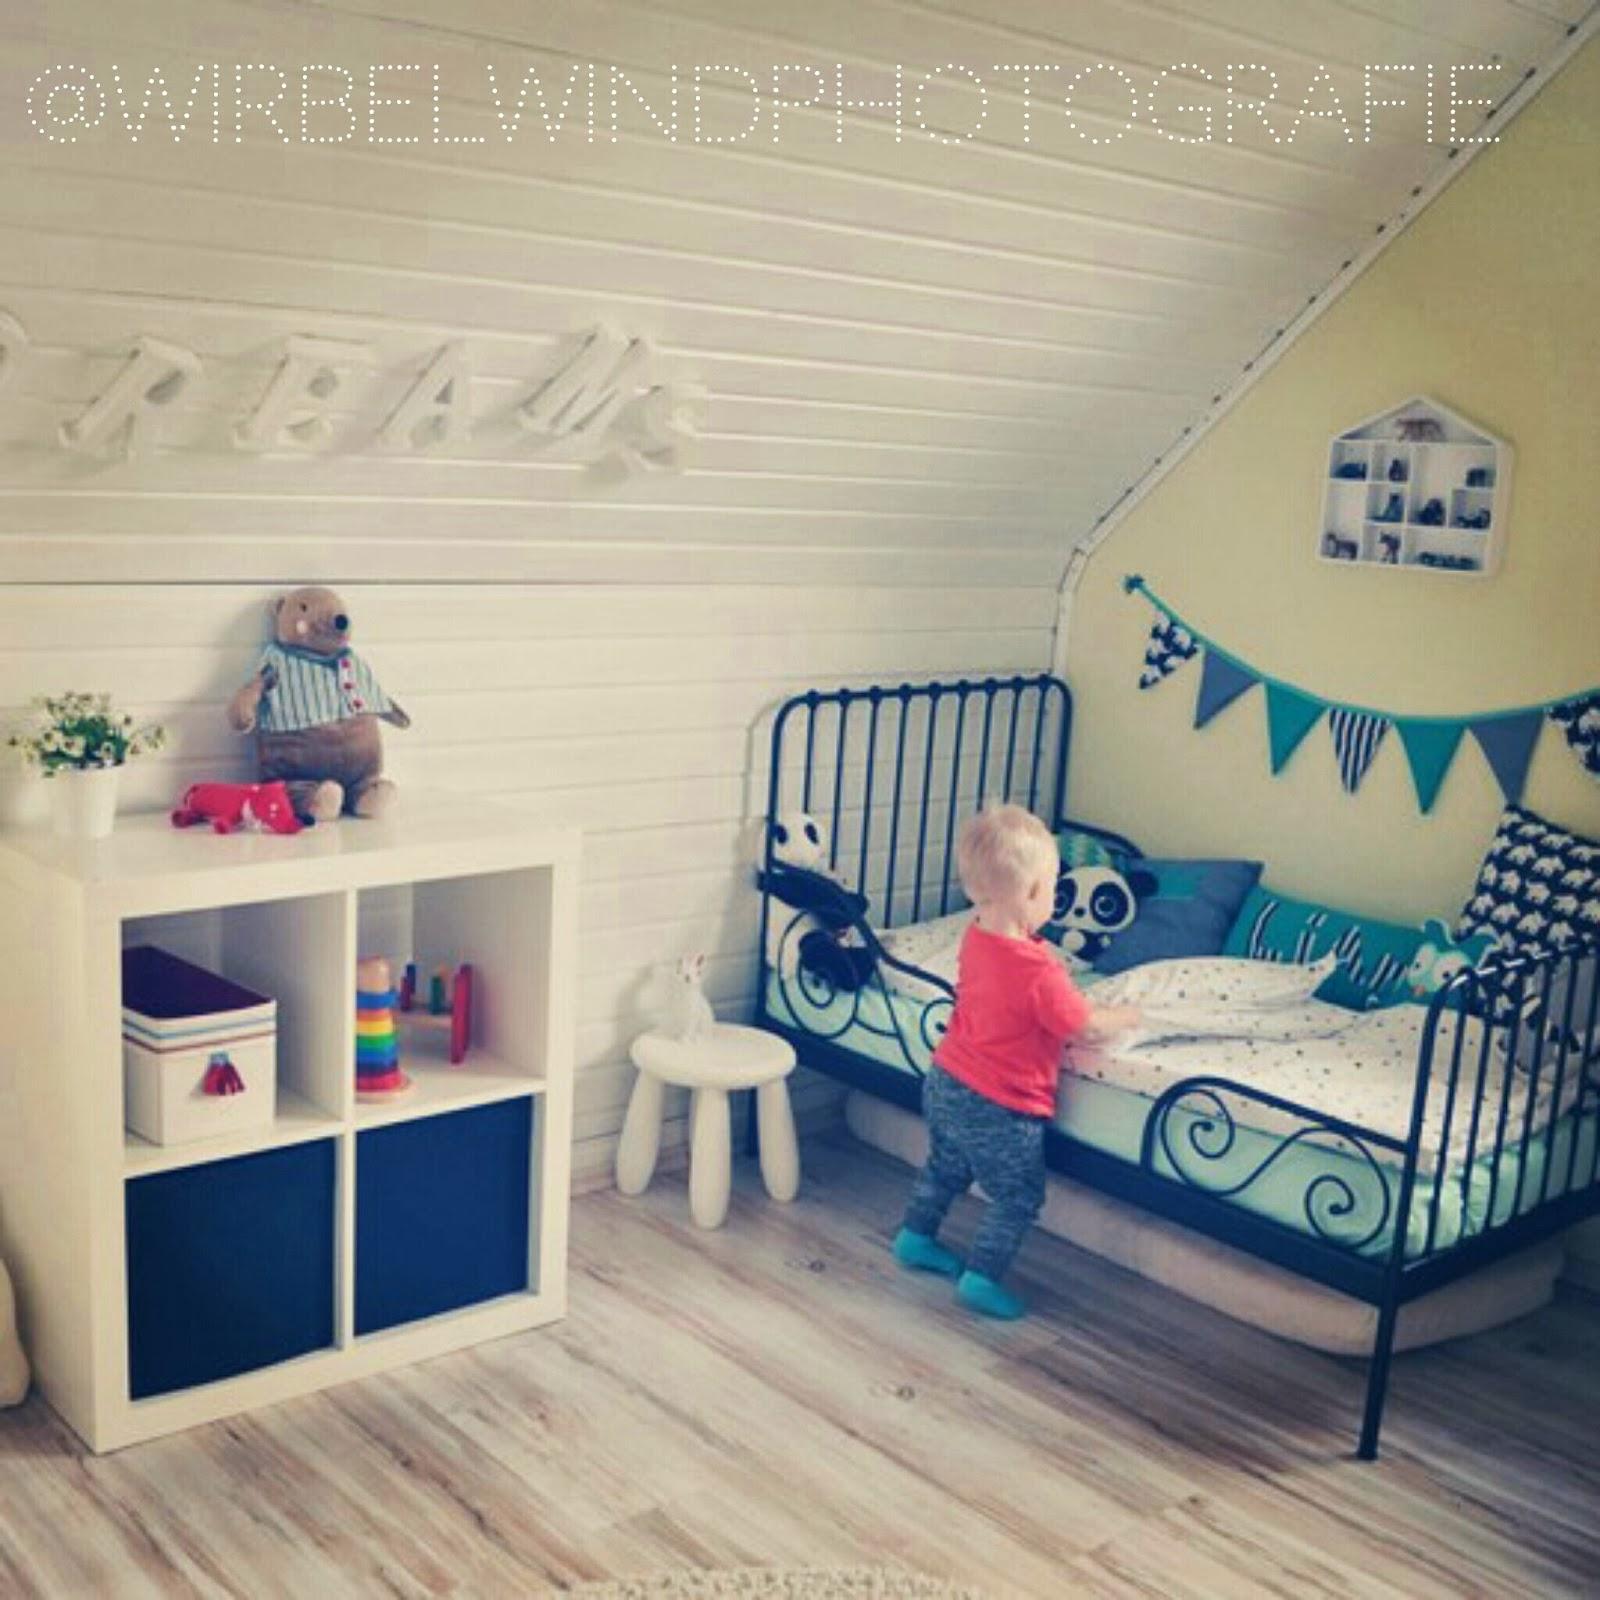 wirbelwind neues bett neue farben. Black Bedroom Furniture Sets. Home Design Ideas